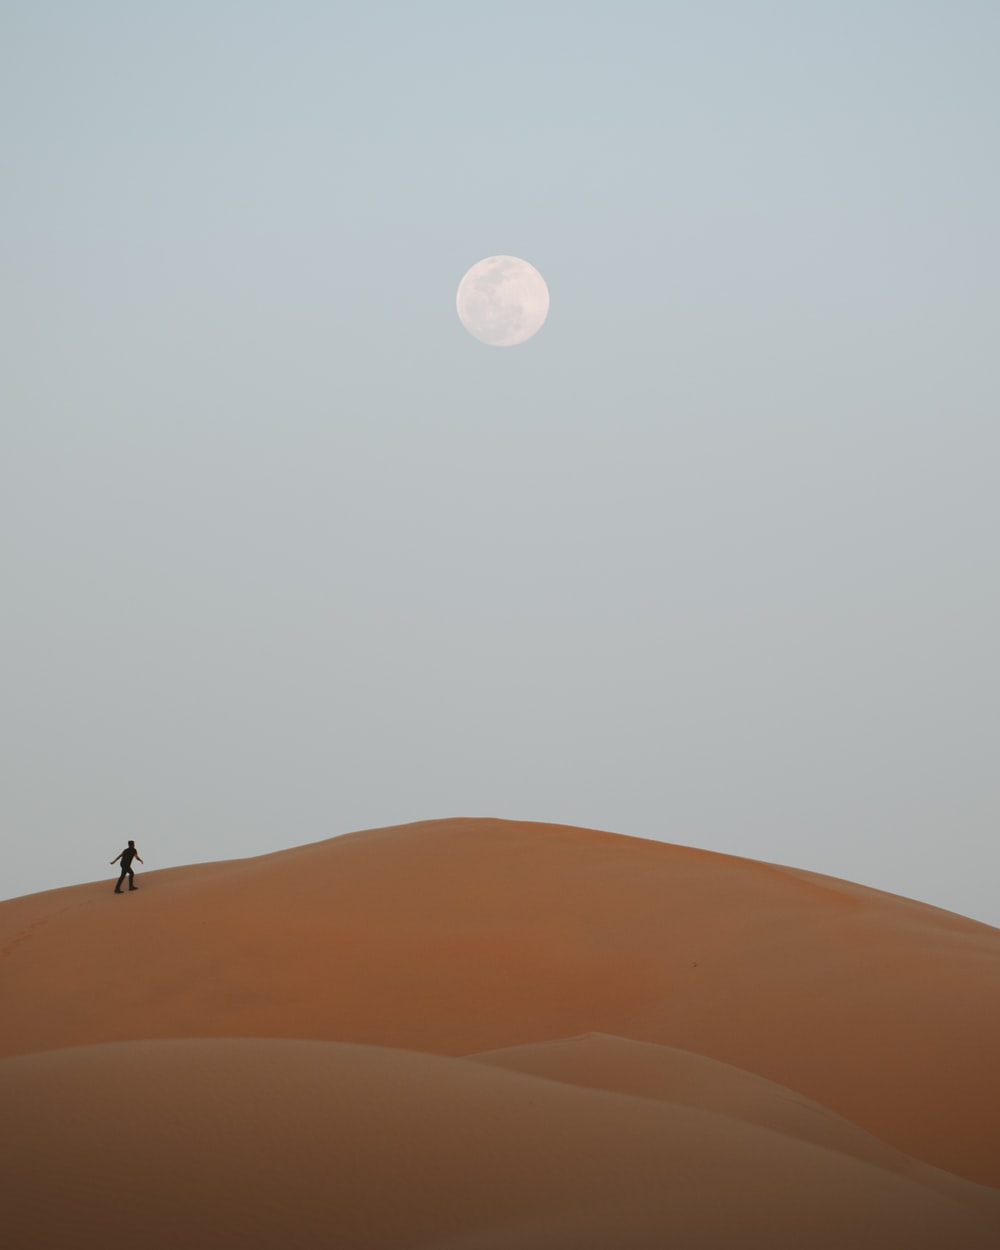 man standing on desert under full moon